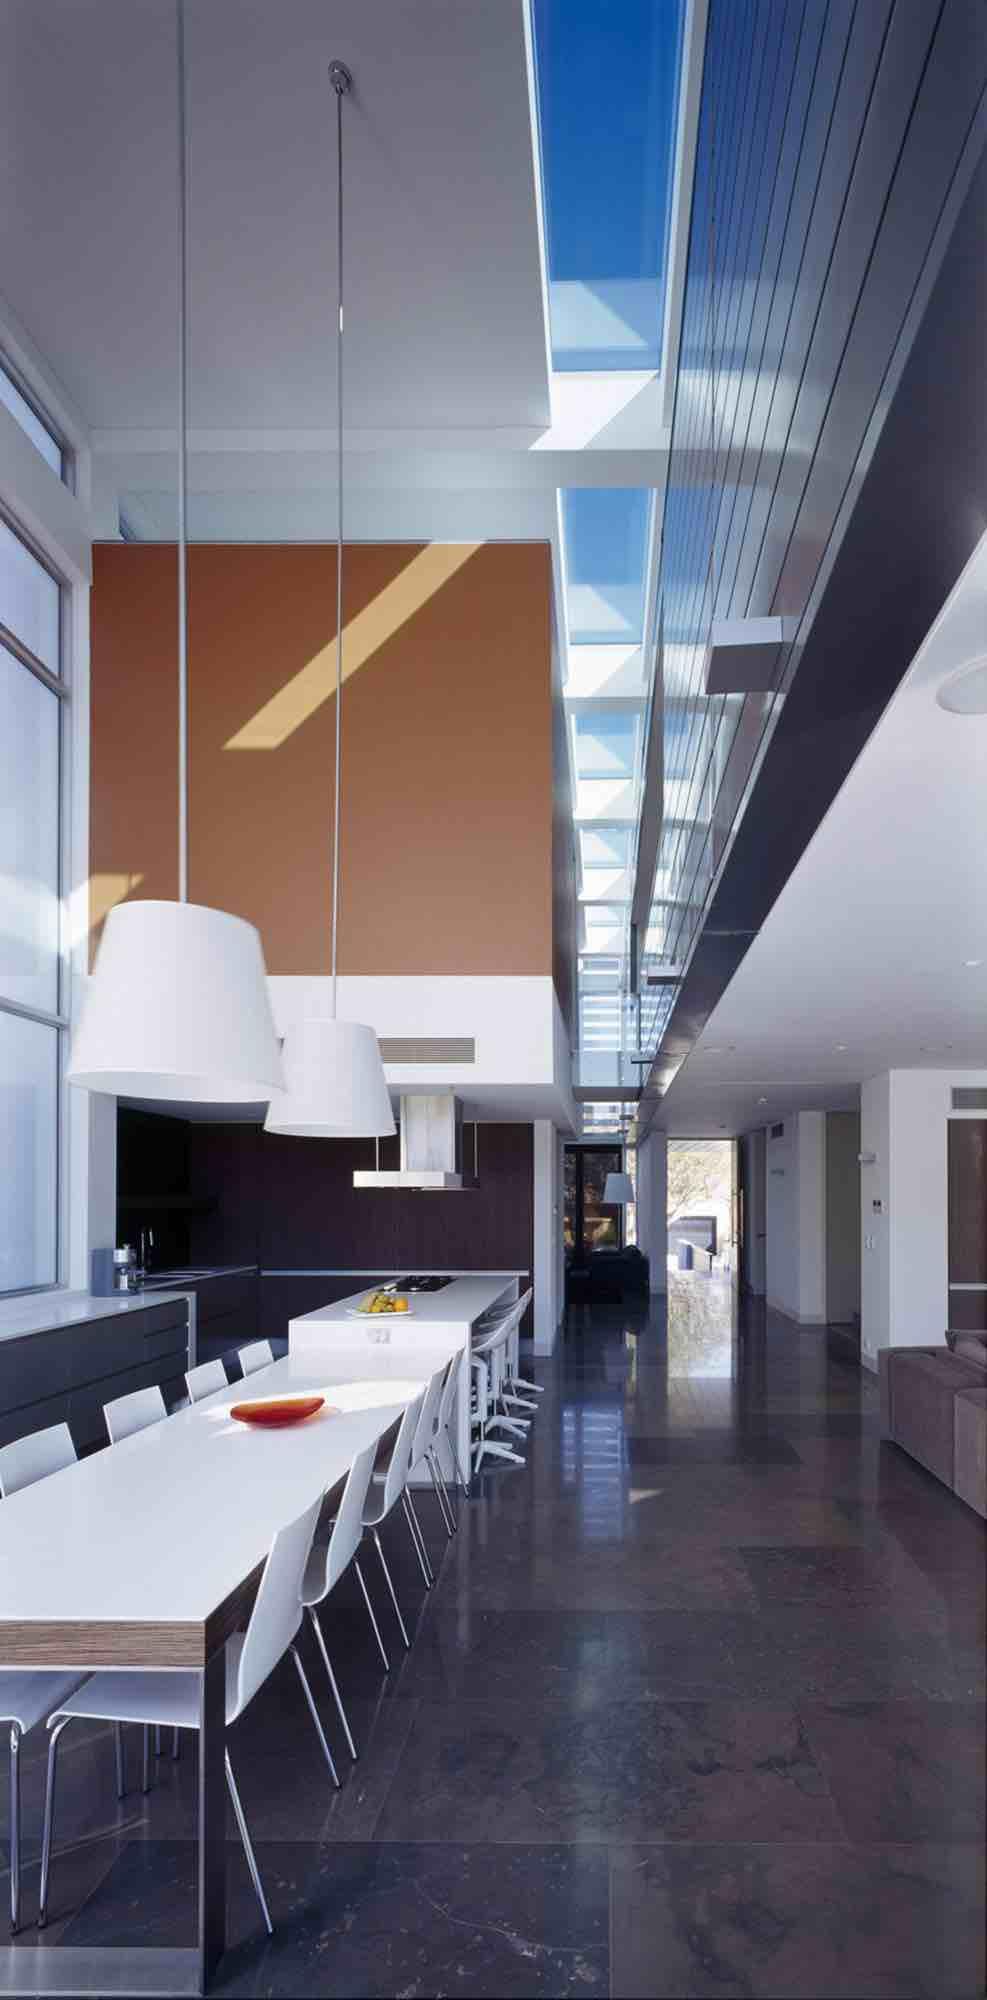 minosa-design-open-plan-high-ceiling-void-large-dinning-table-corian-benchtop-minosa-kitchen-gilda-05